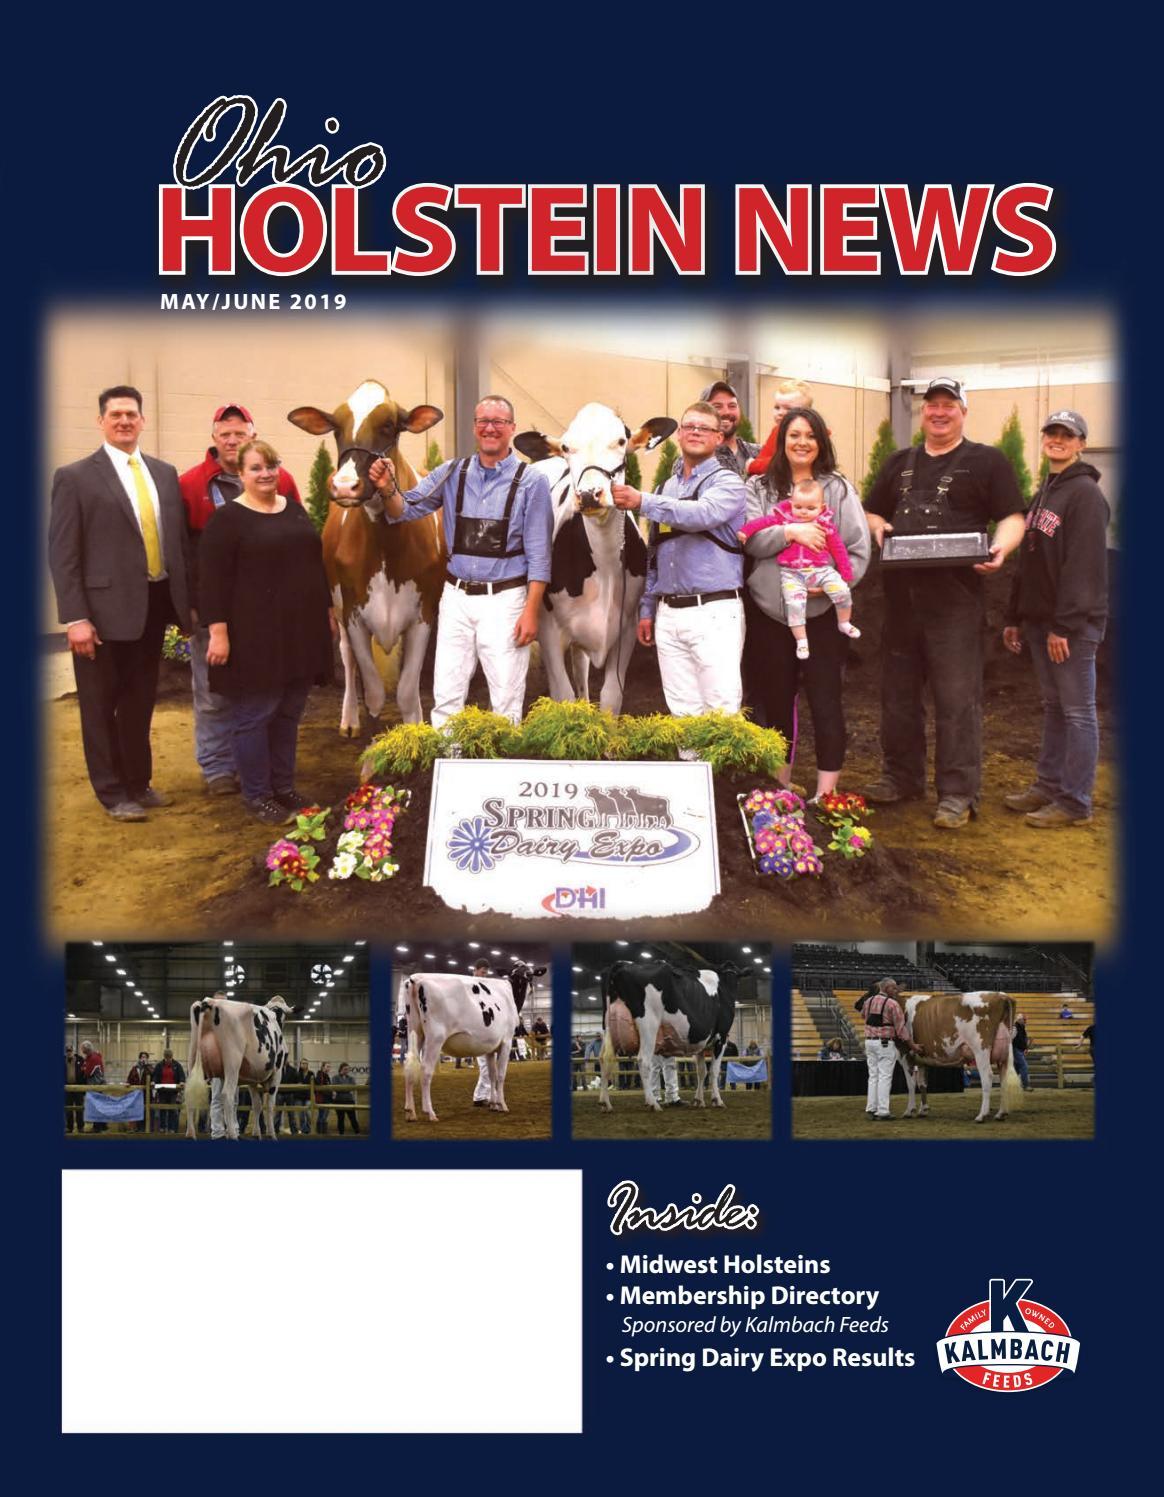 Ohio Holstein News by Dairy Agenda Today - issuu